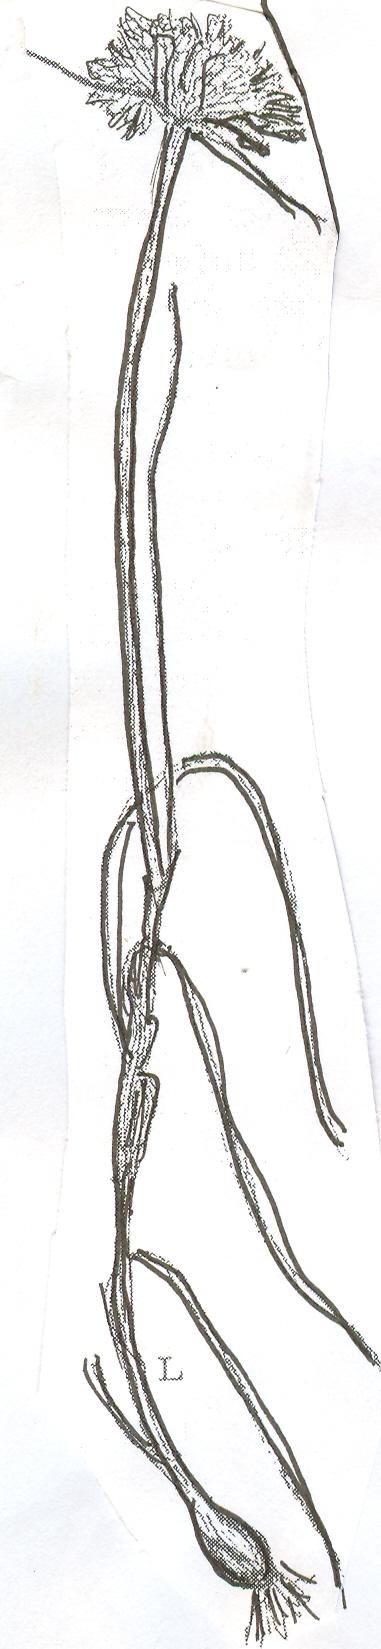 Allium%20apulum.jpg